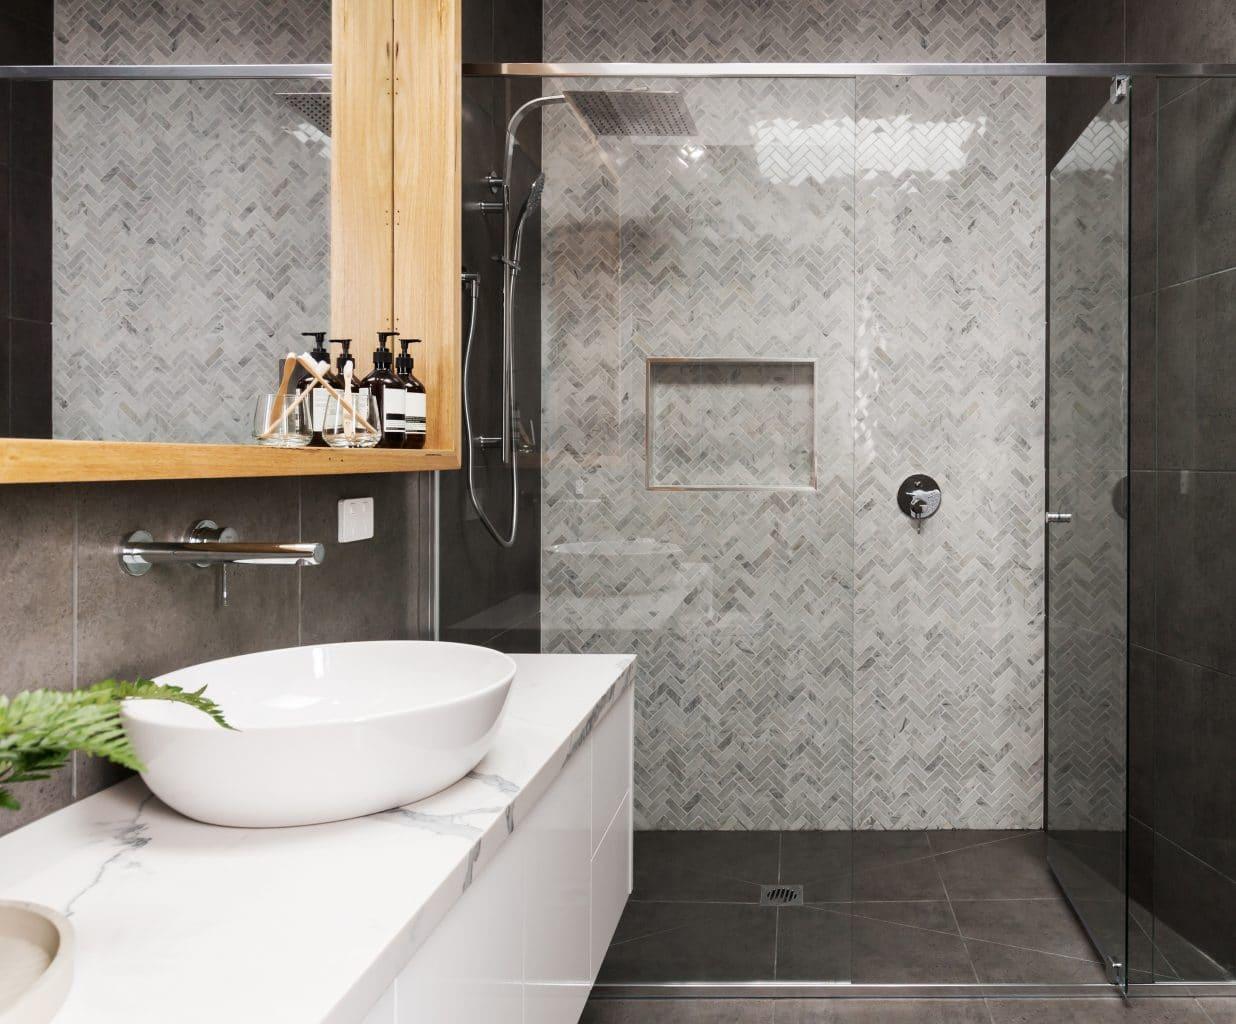 rénovation de salle de bain à Montpellier par illiCO travaux Montpellier Ouest